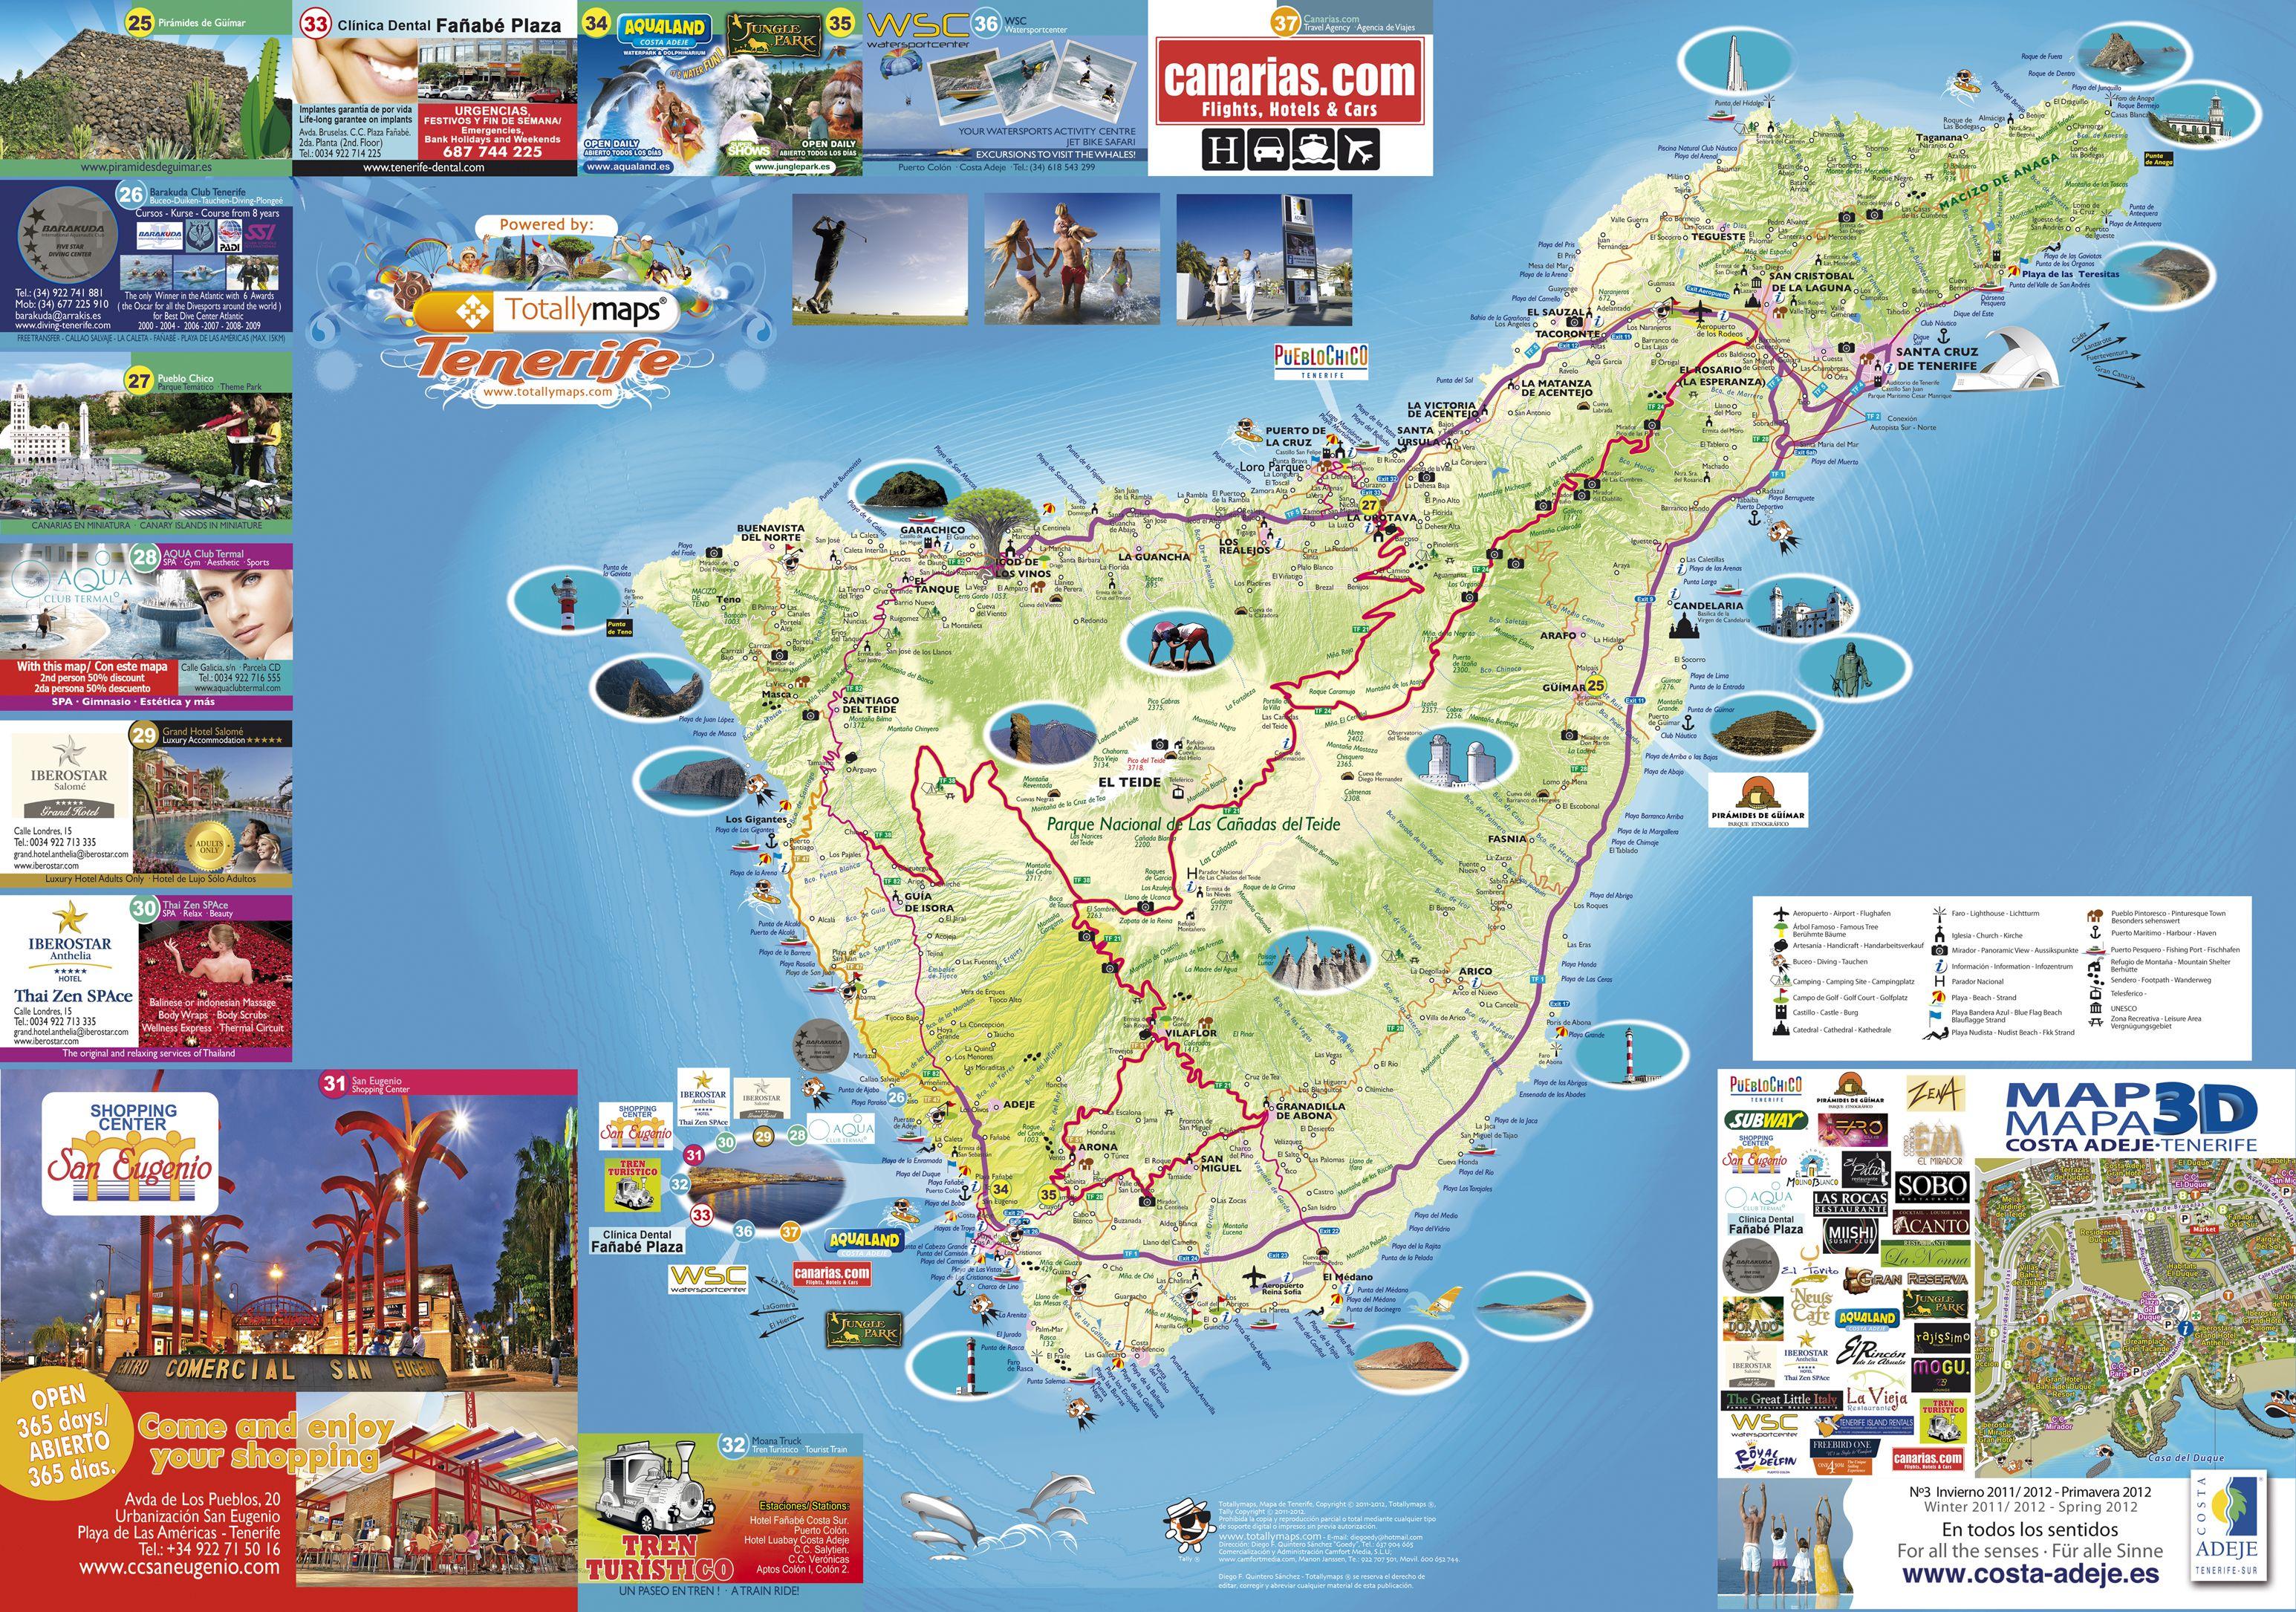 map tenerife futenerife wwwfutenerifecom Tenerife Pinterest